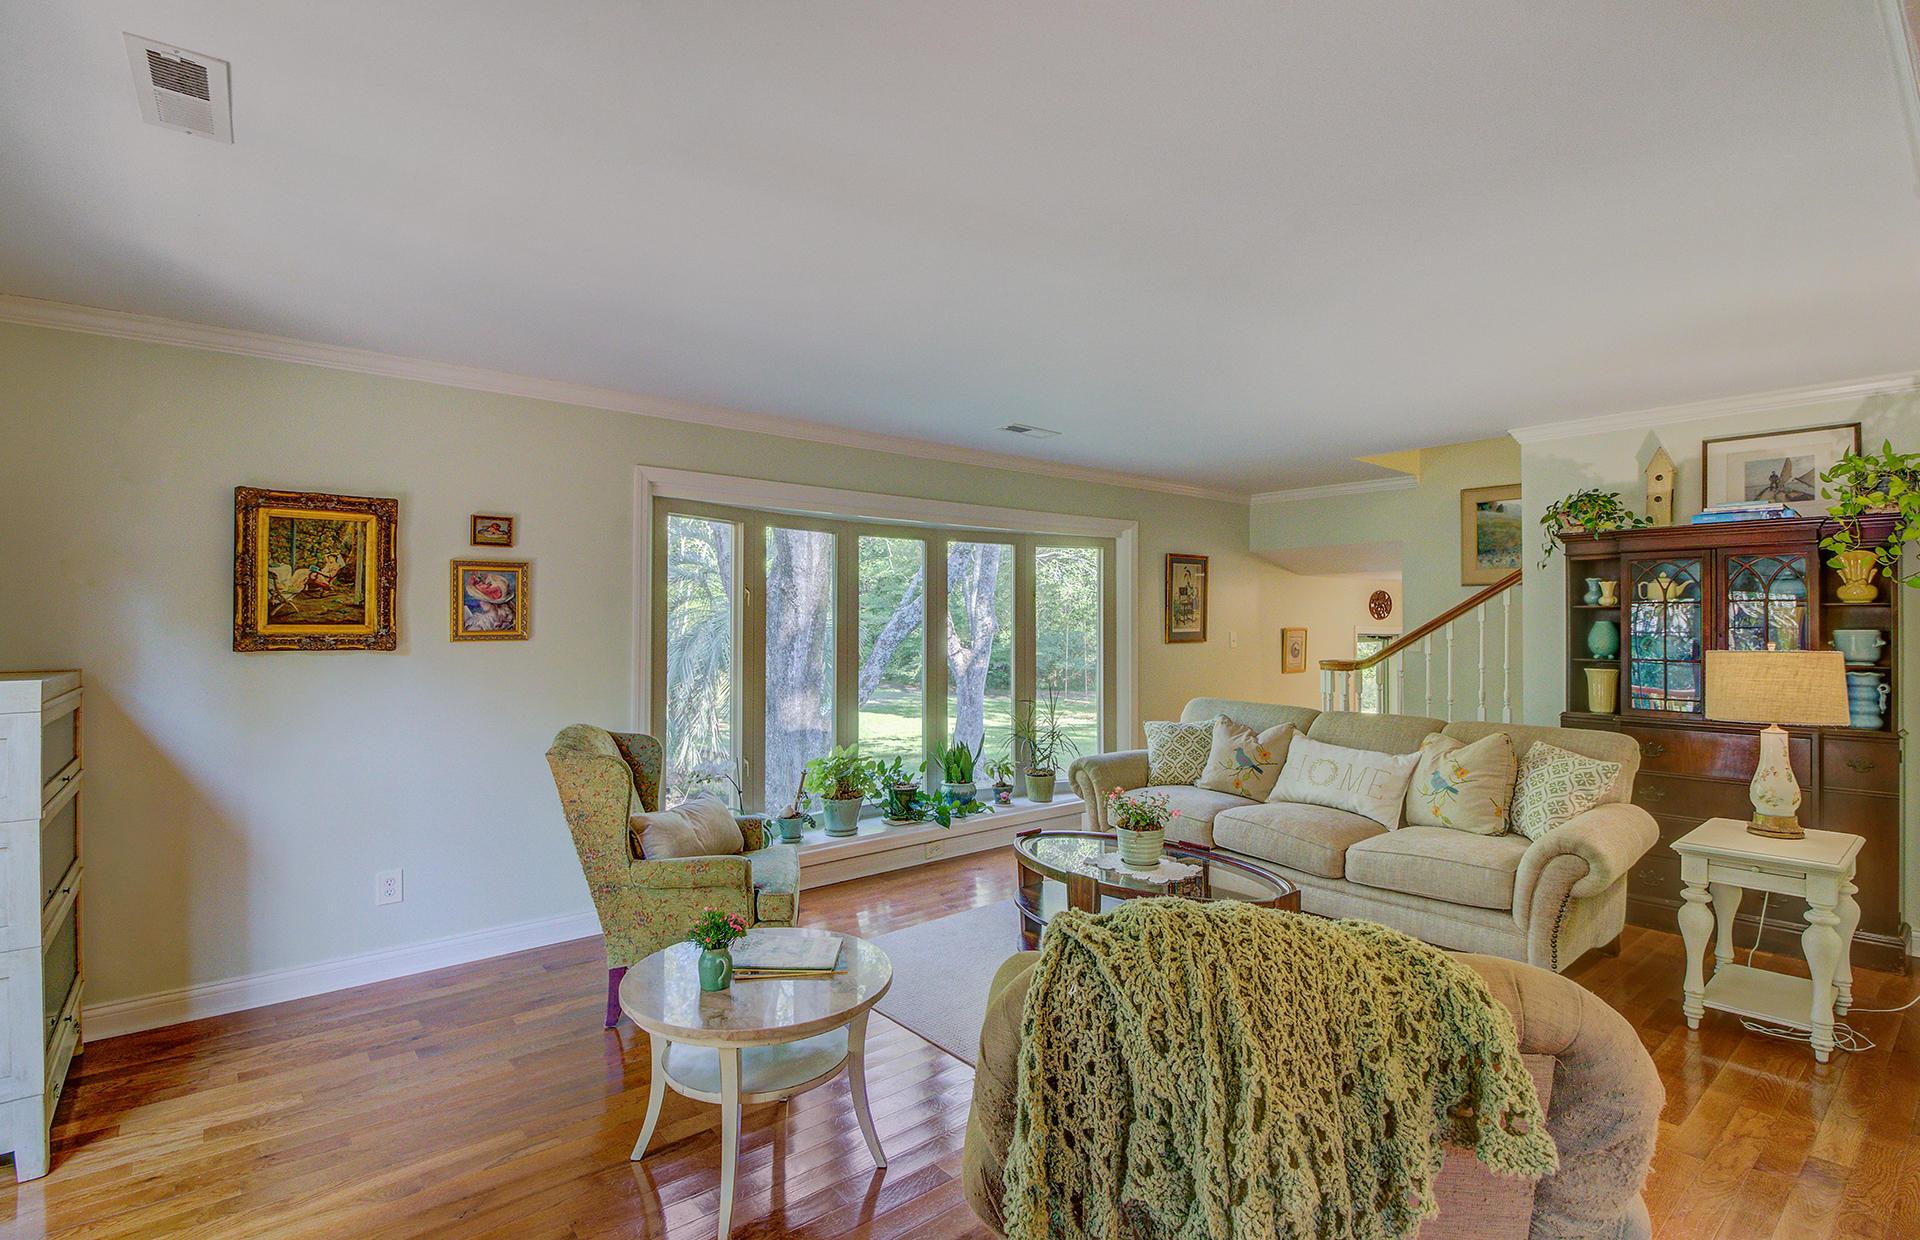 Pine Forest Inn Homes For Sale - 543 Simmons, Summerville, SC - 20